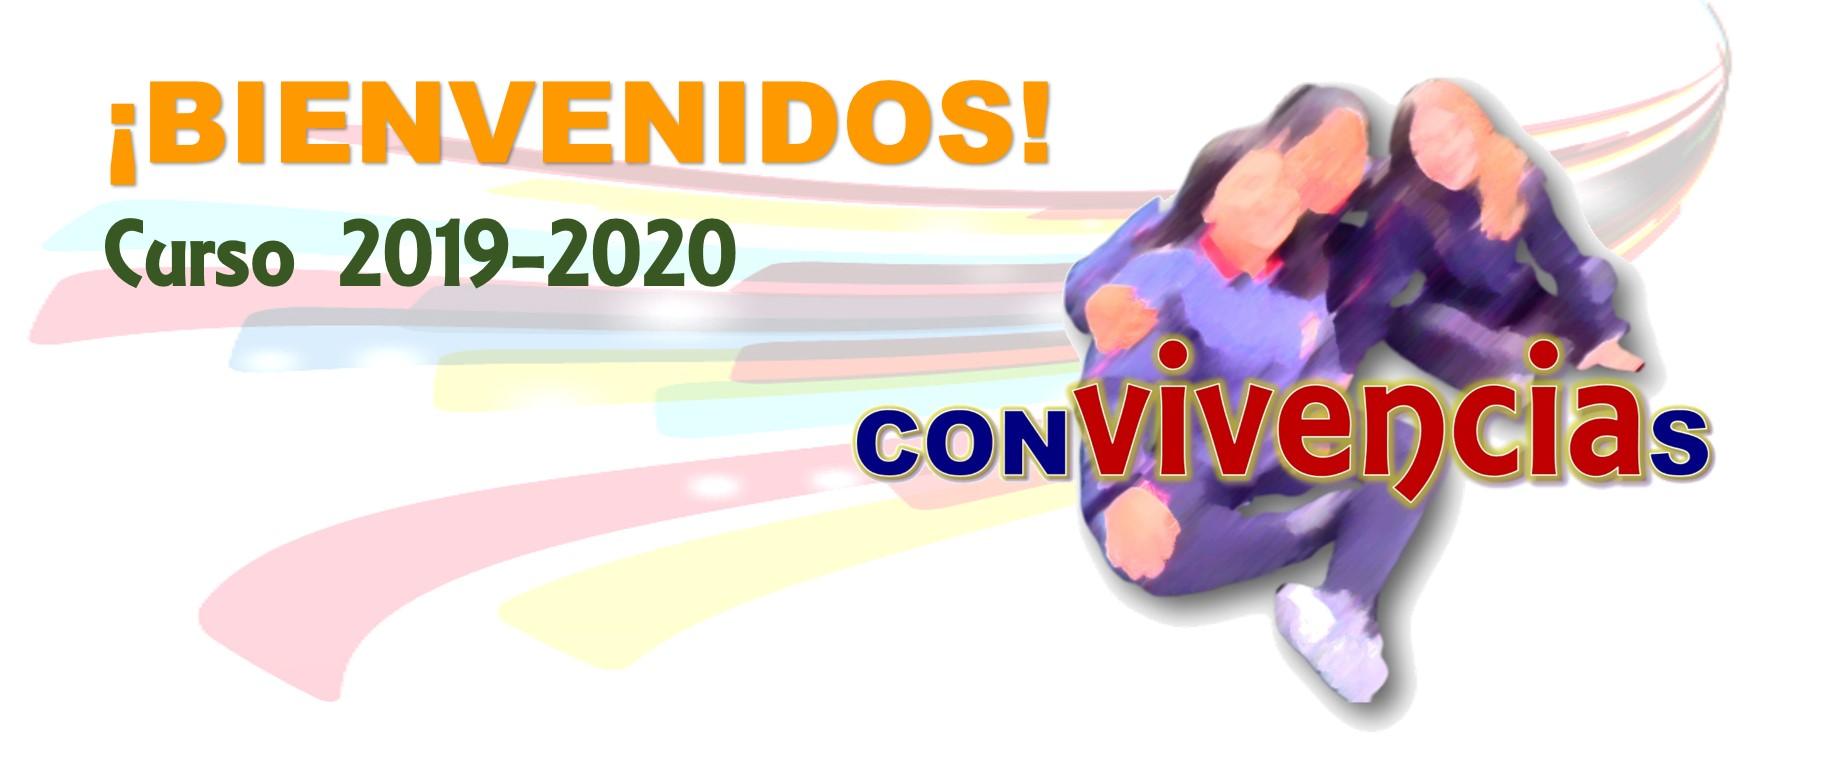 ¡Bienvenidos al nuevo curso 2019-2020!